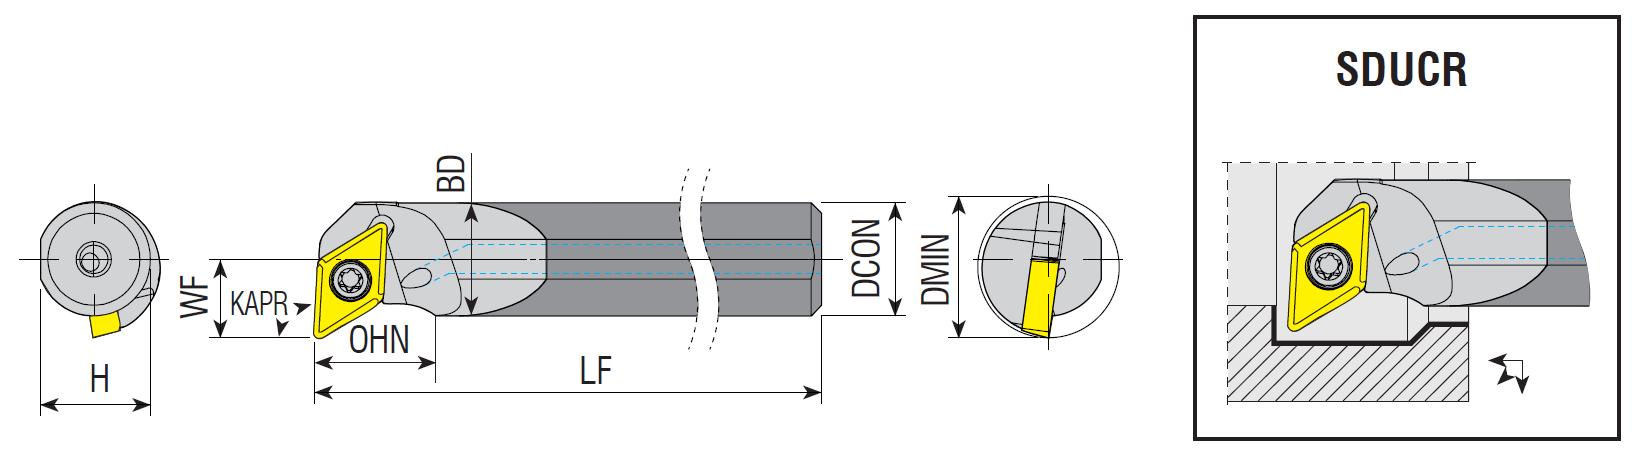 SET HM Bohrstangen mit Innenkühlung SDUCR / SDUCL